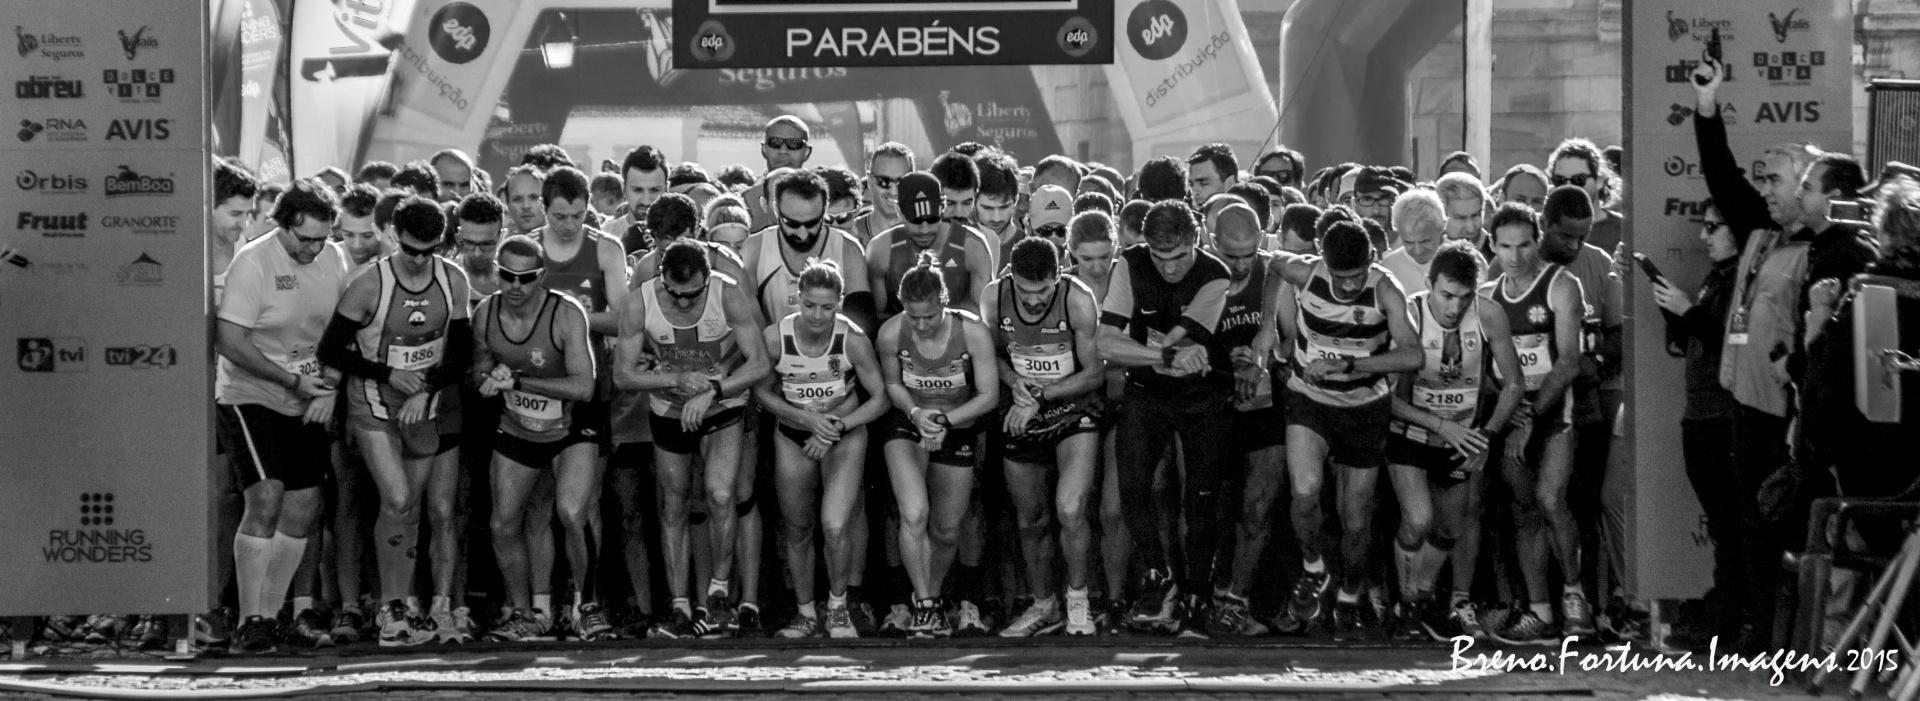 Desporto e Ação/EDP Distribuição Meia Maratona de Évora 4